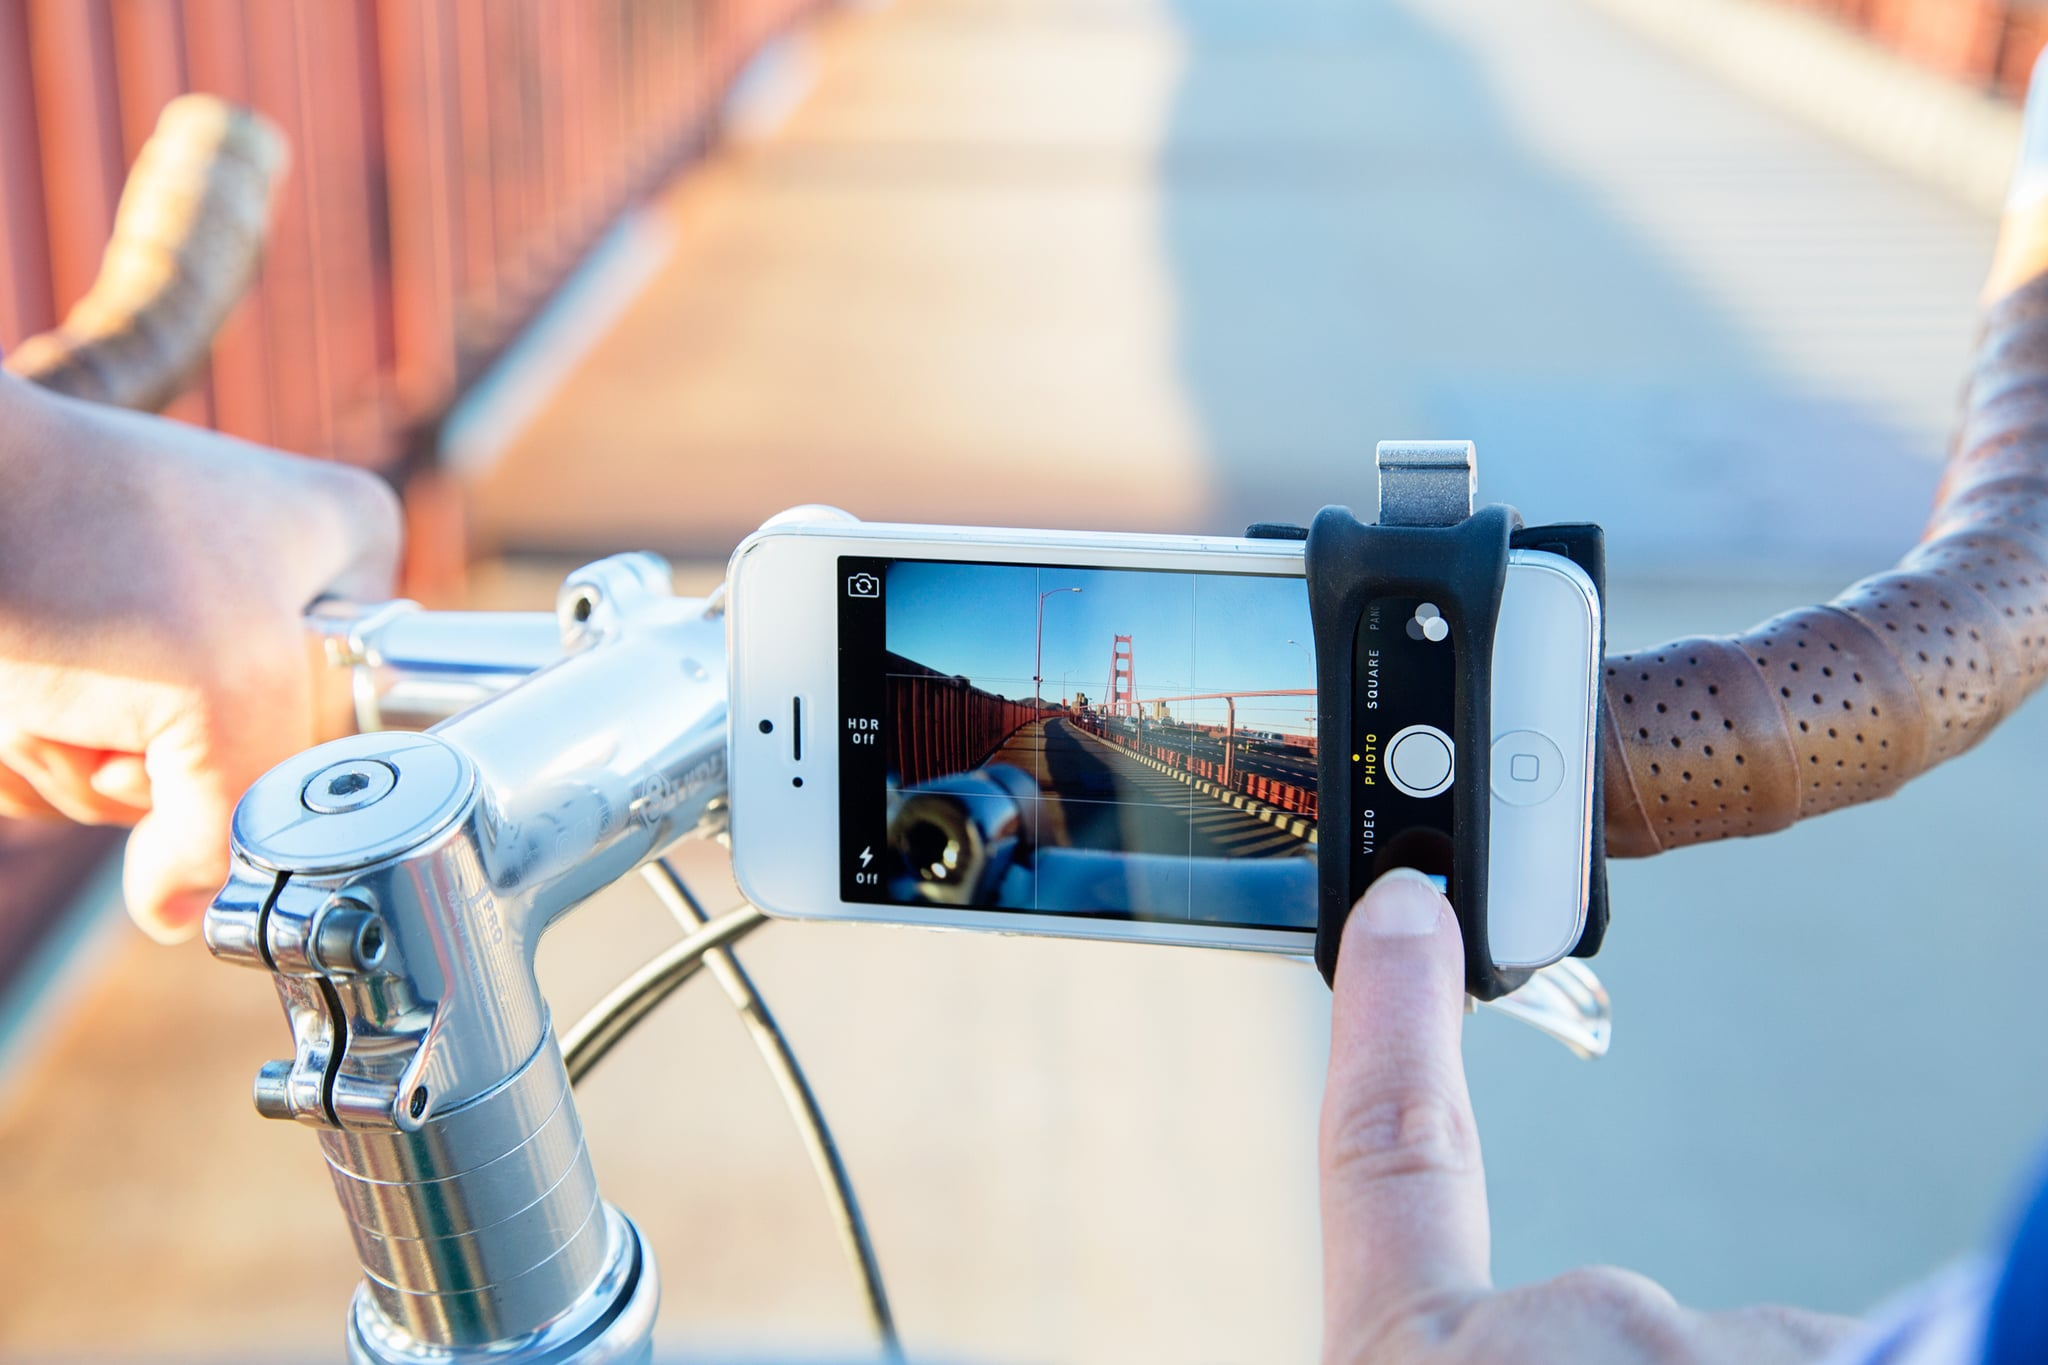 Handleband, the Phone Bike Mount